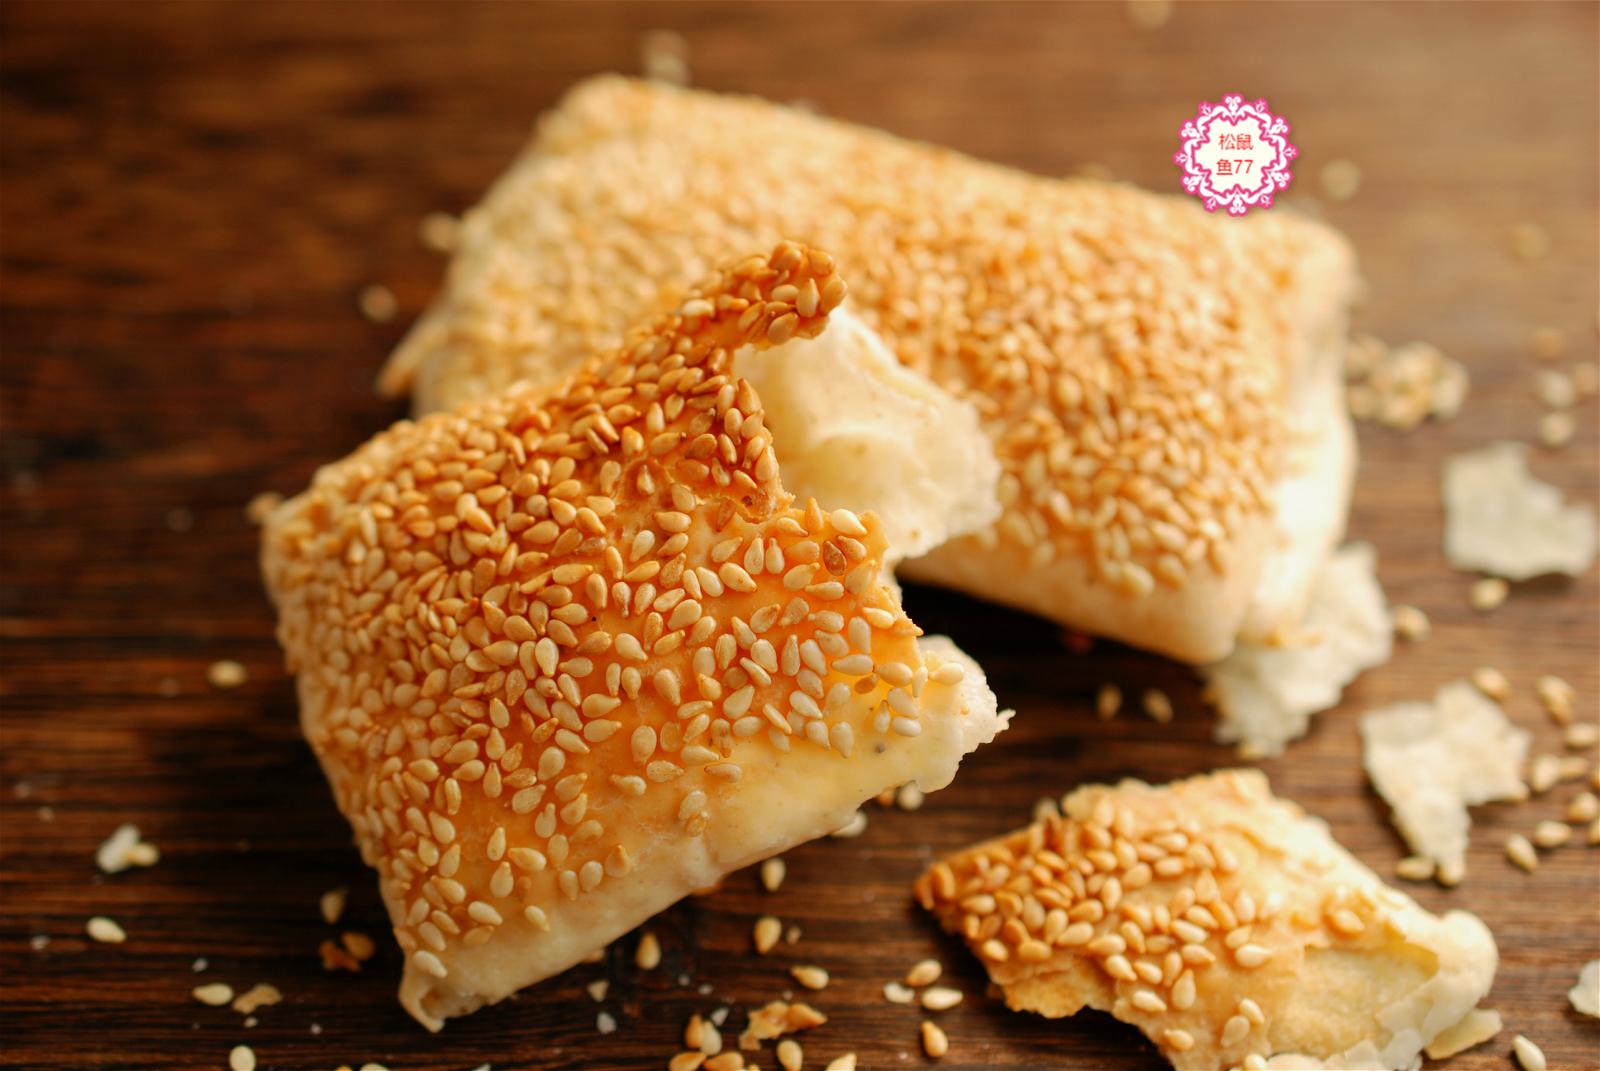 一捏就碎,一碰就掉渣兒,一吃倍儿香的油酥小燒餅,做法超簡單